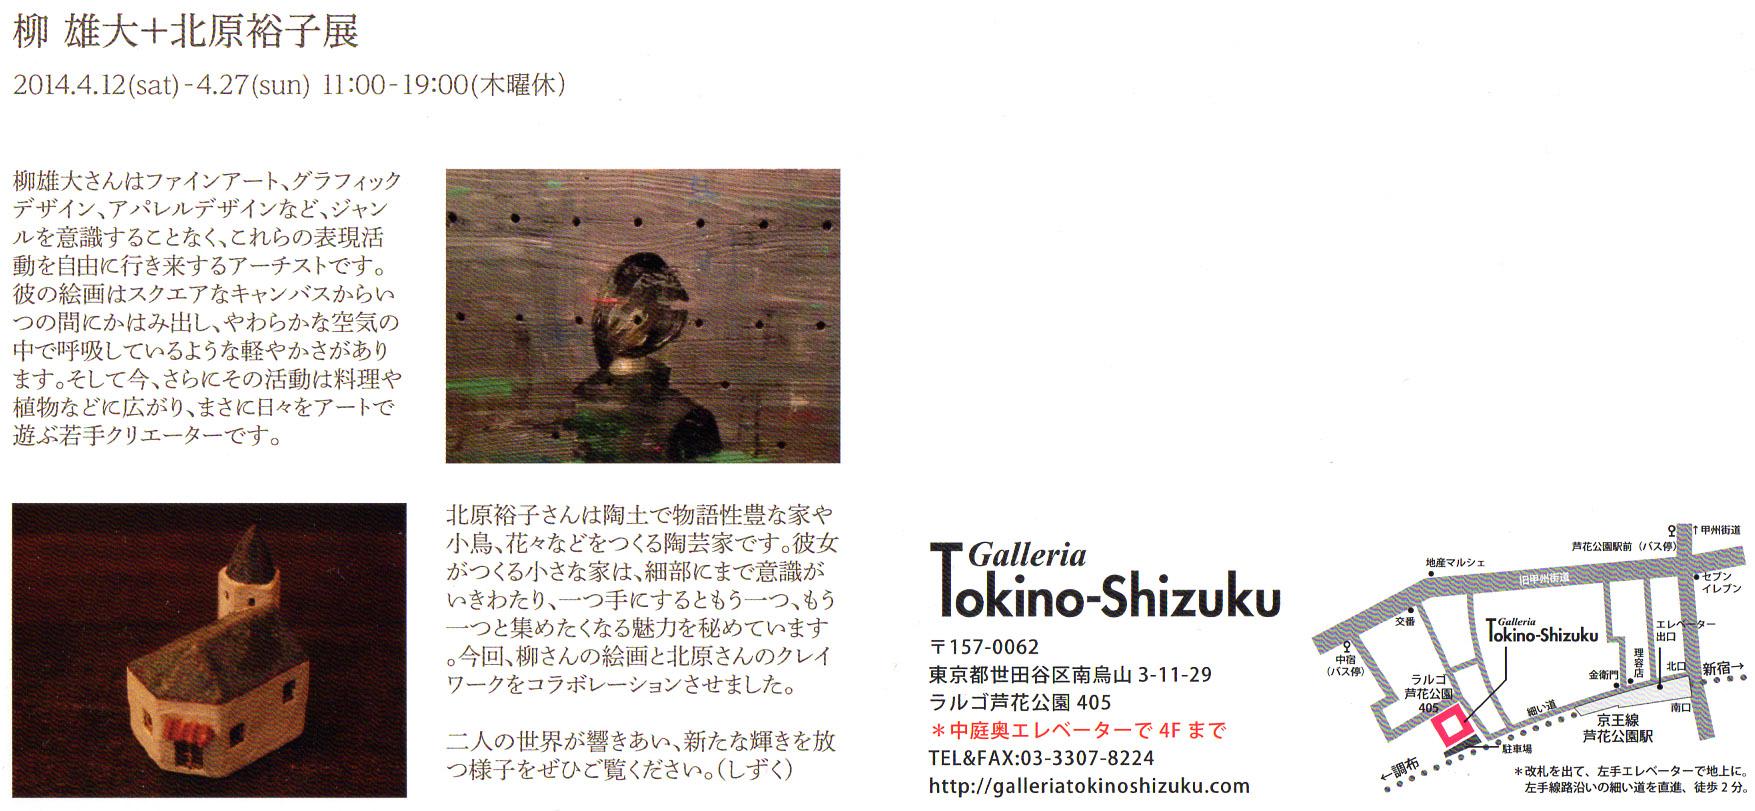 柳 雄大+北原裕子 展 @芦花公園Galleria Tokino-Shizuku_a0137727_2135584.jpg